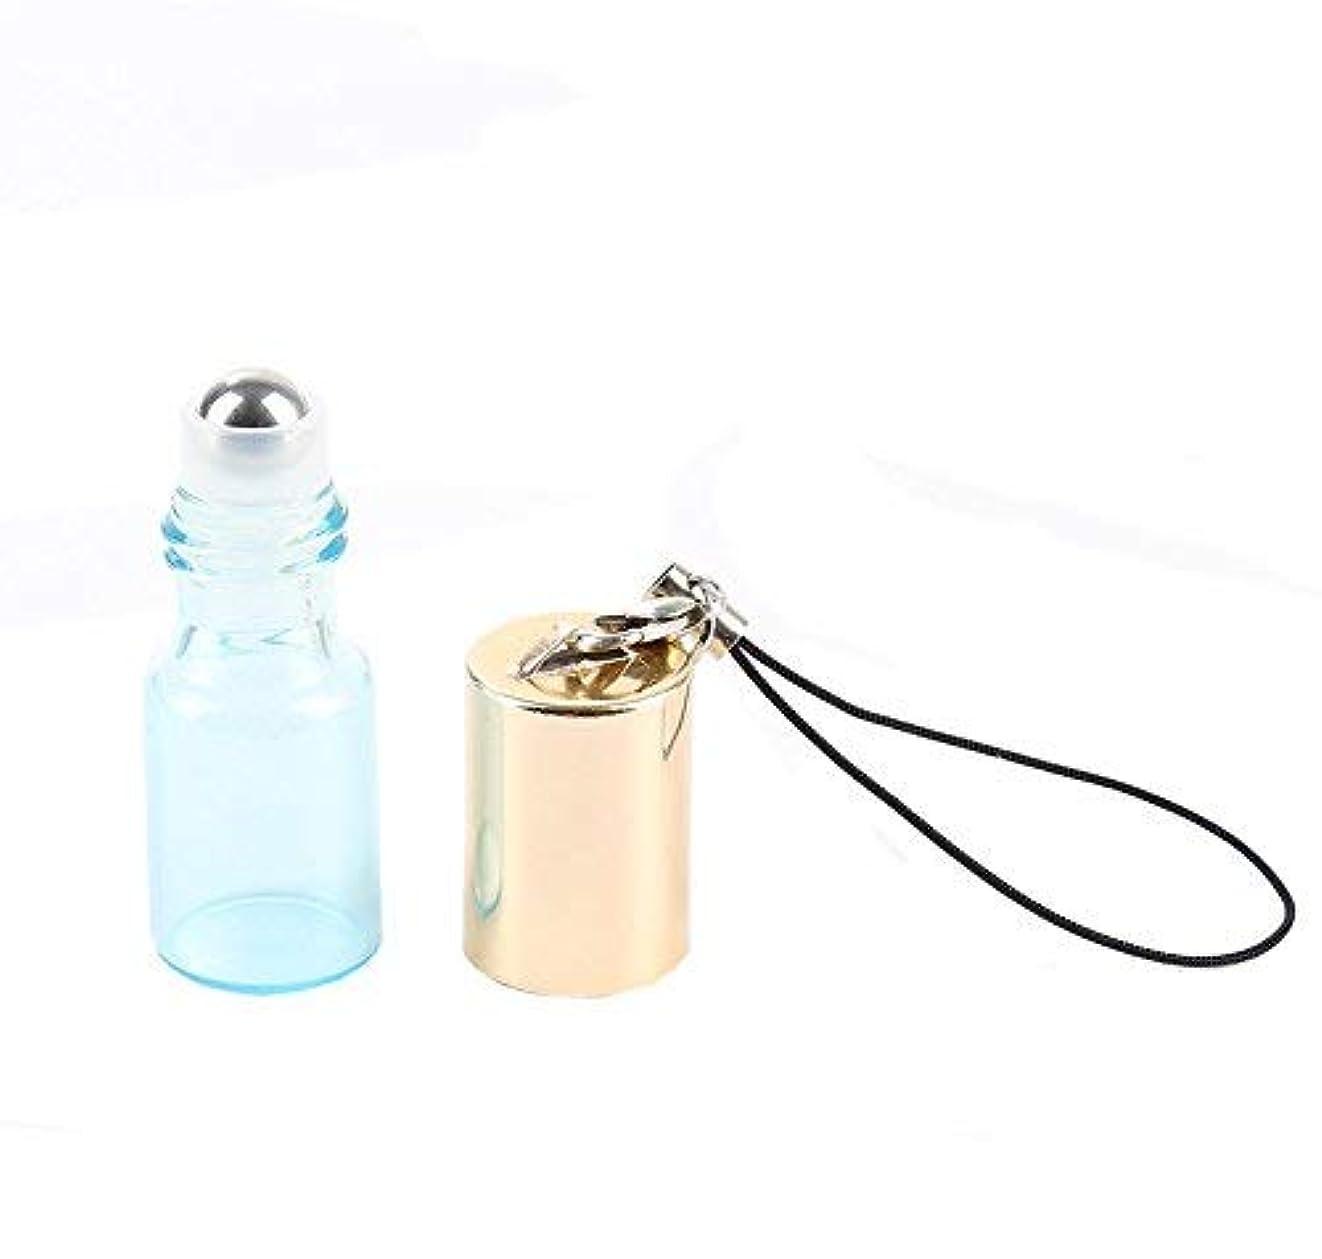 空白建物差別化するEmpty Roller Bottles - Pack of 12 3ml Pearl Colored Glass Roll-on Bottles for Essential Oil Container with Golden...